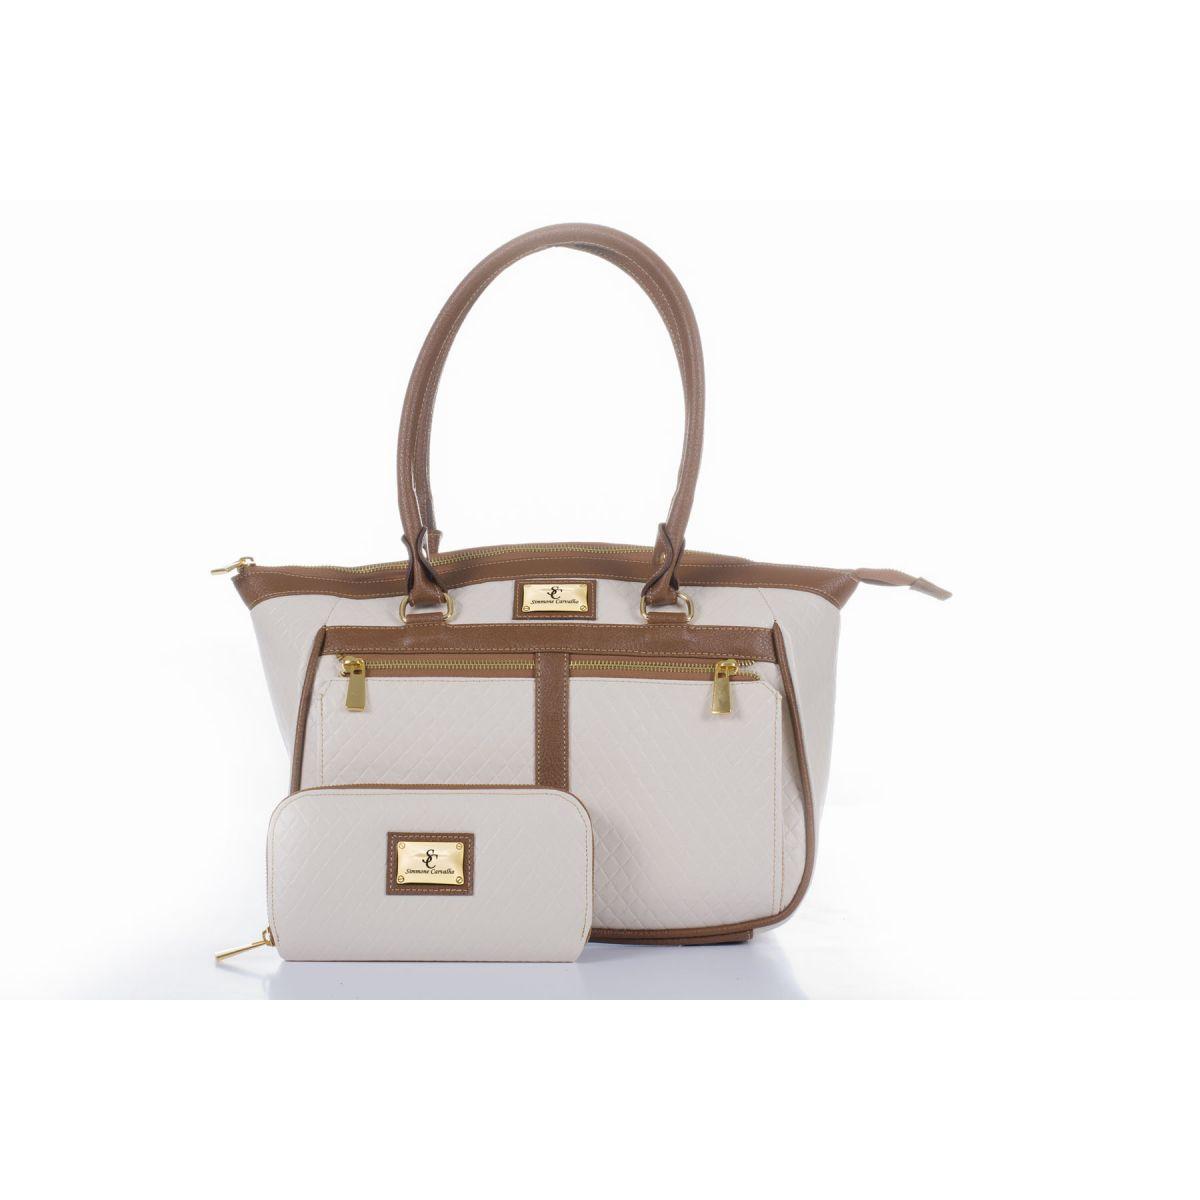 Bag Estefania - Simmone Carvalho - SCb0016N